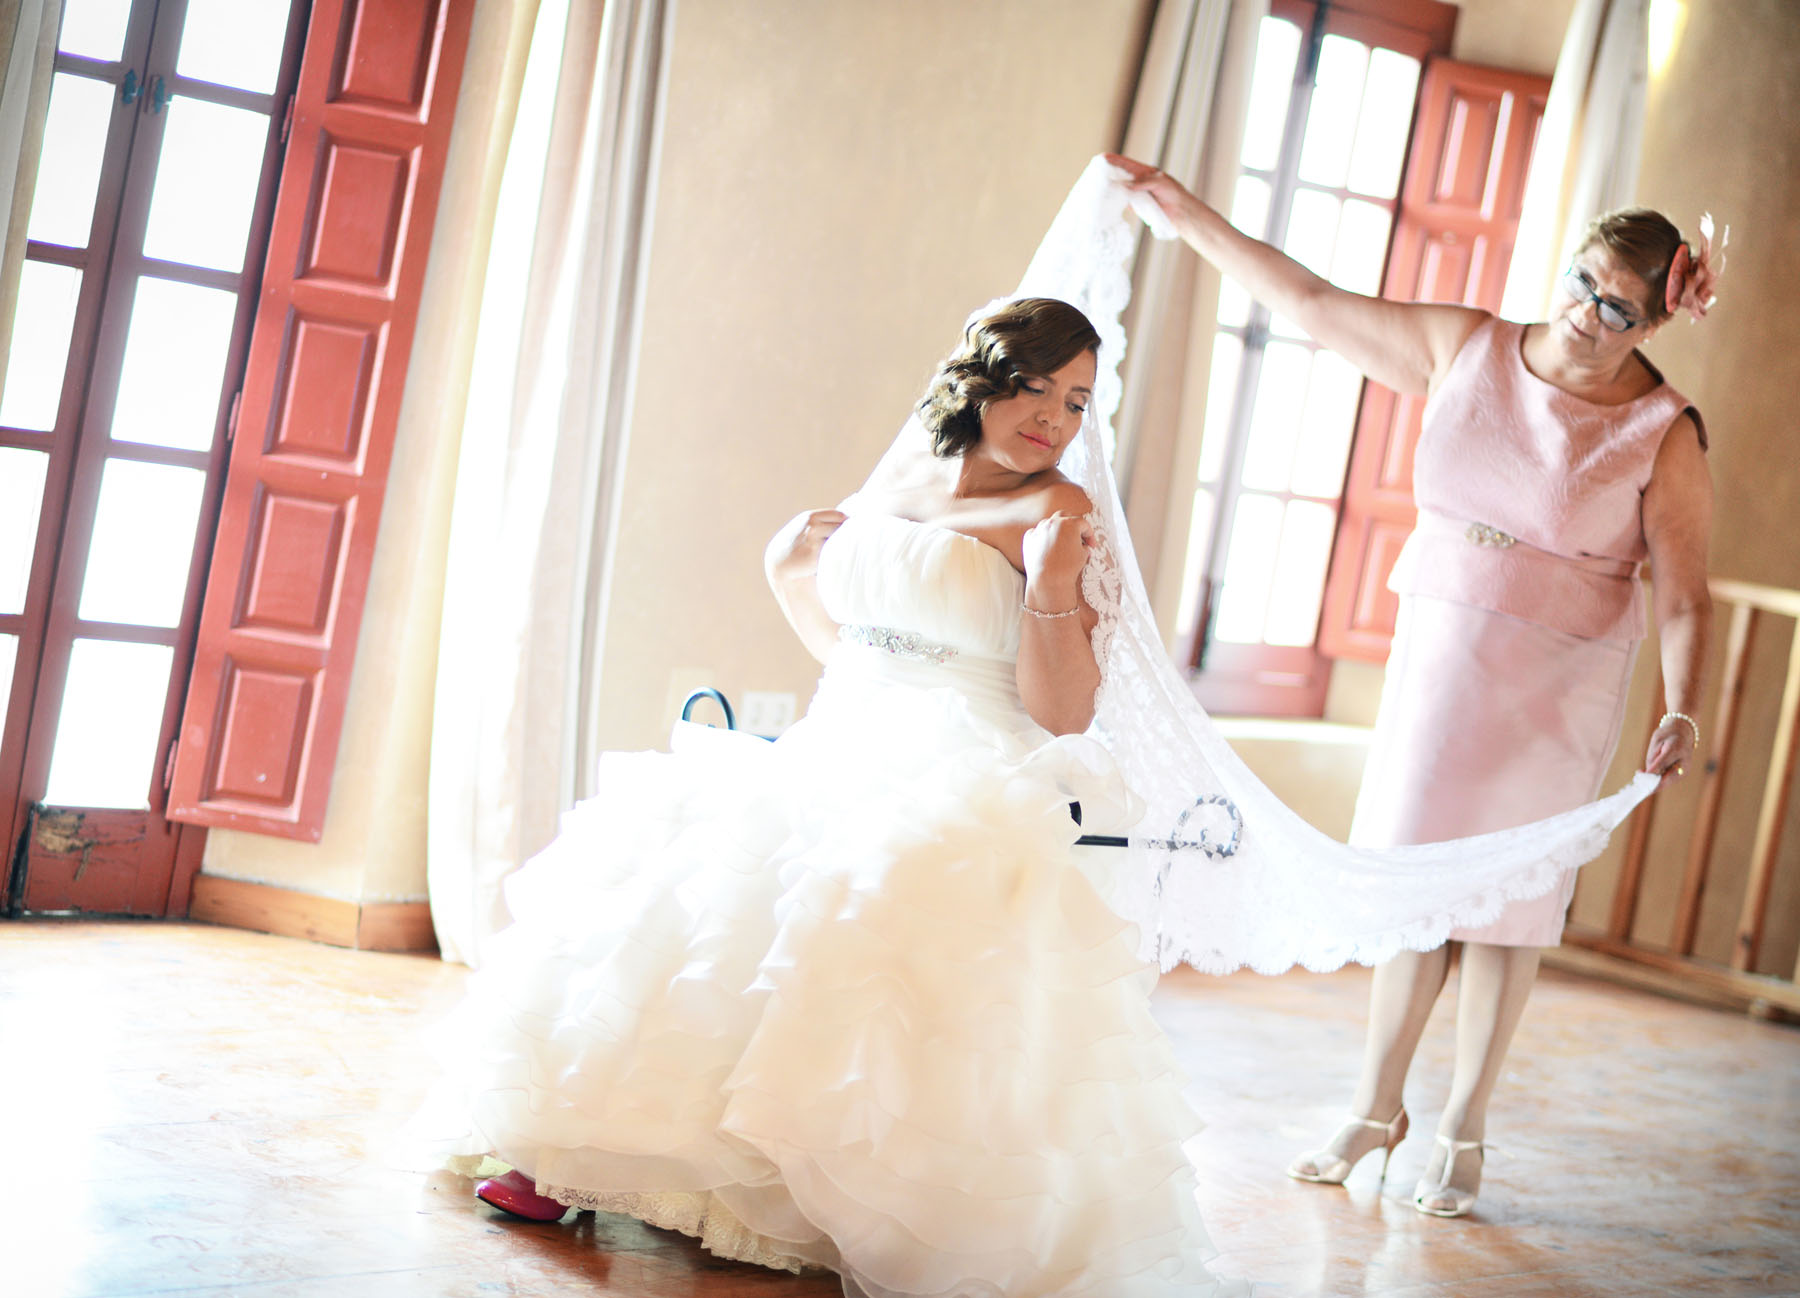 Pizarra bride wedding photos